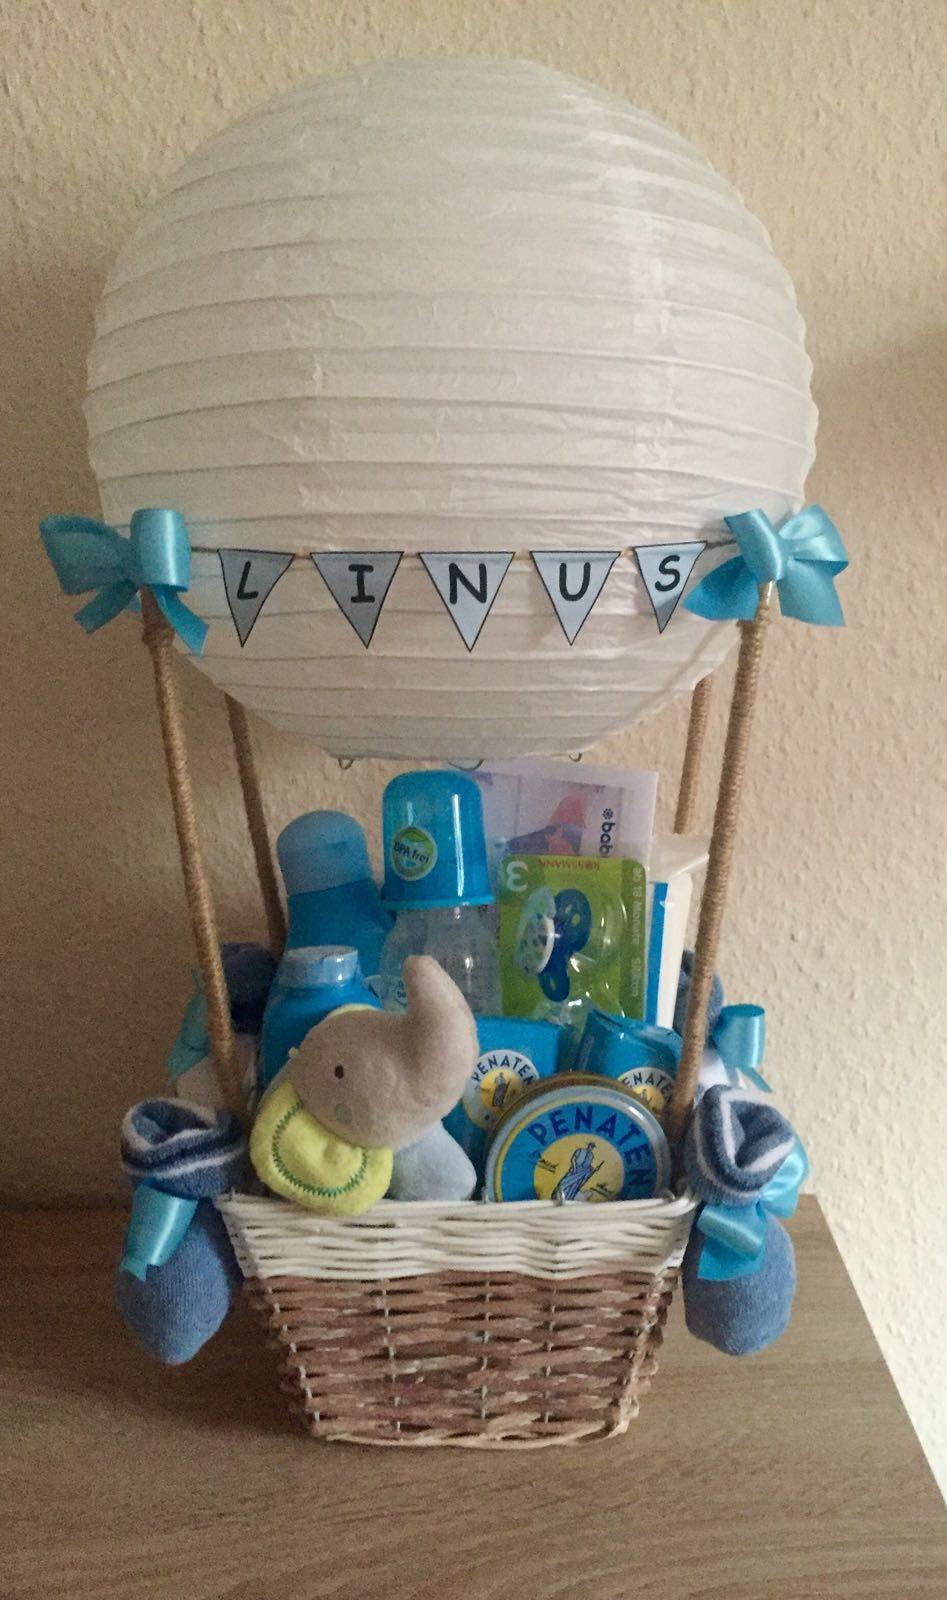 geschenk zur geburt hei luftballon baby pinterest geschenke zur geburt hei luftballon und. Black Bedroom Furniture Sets. Home Design Ideas